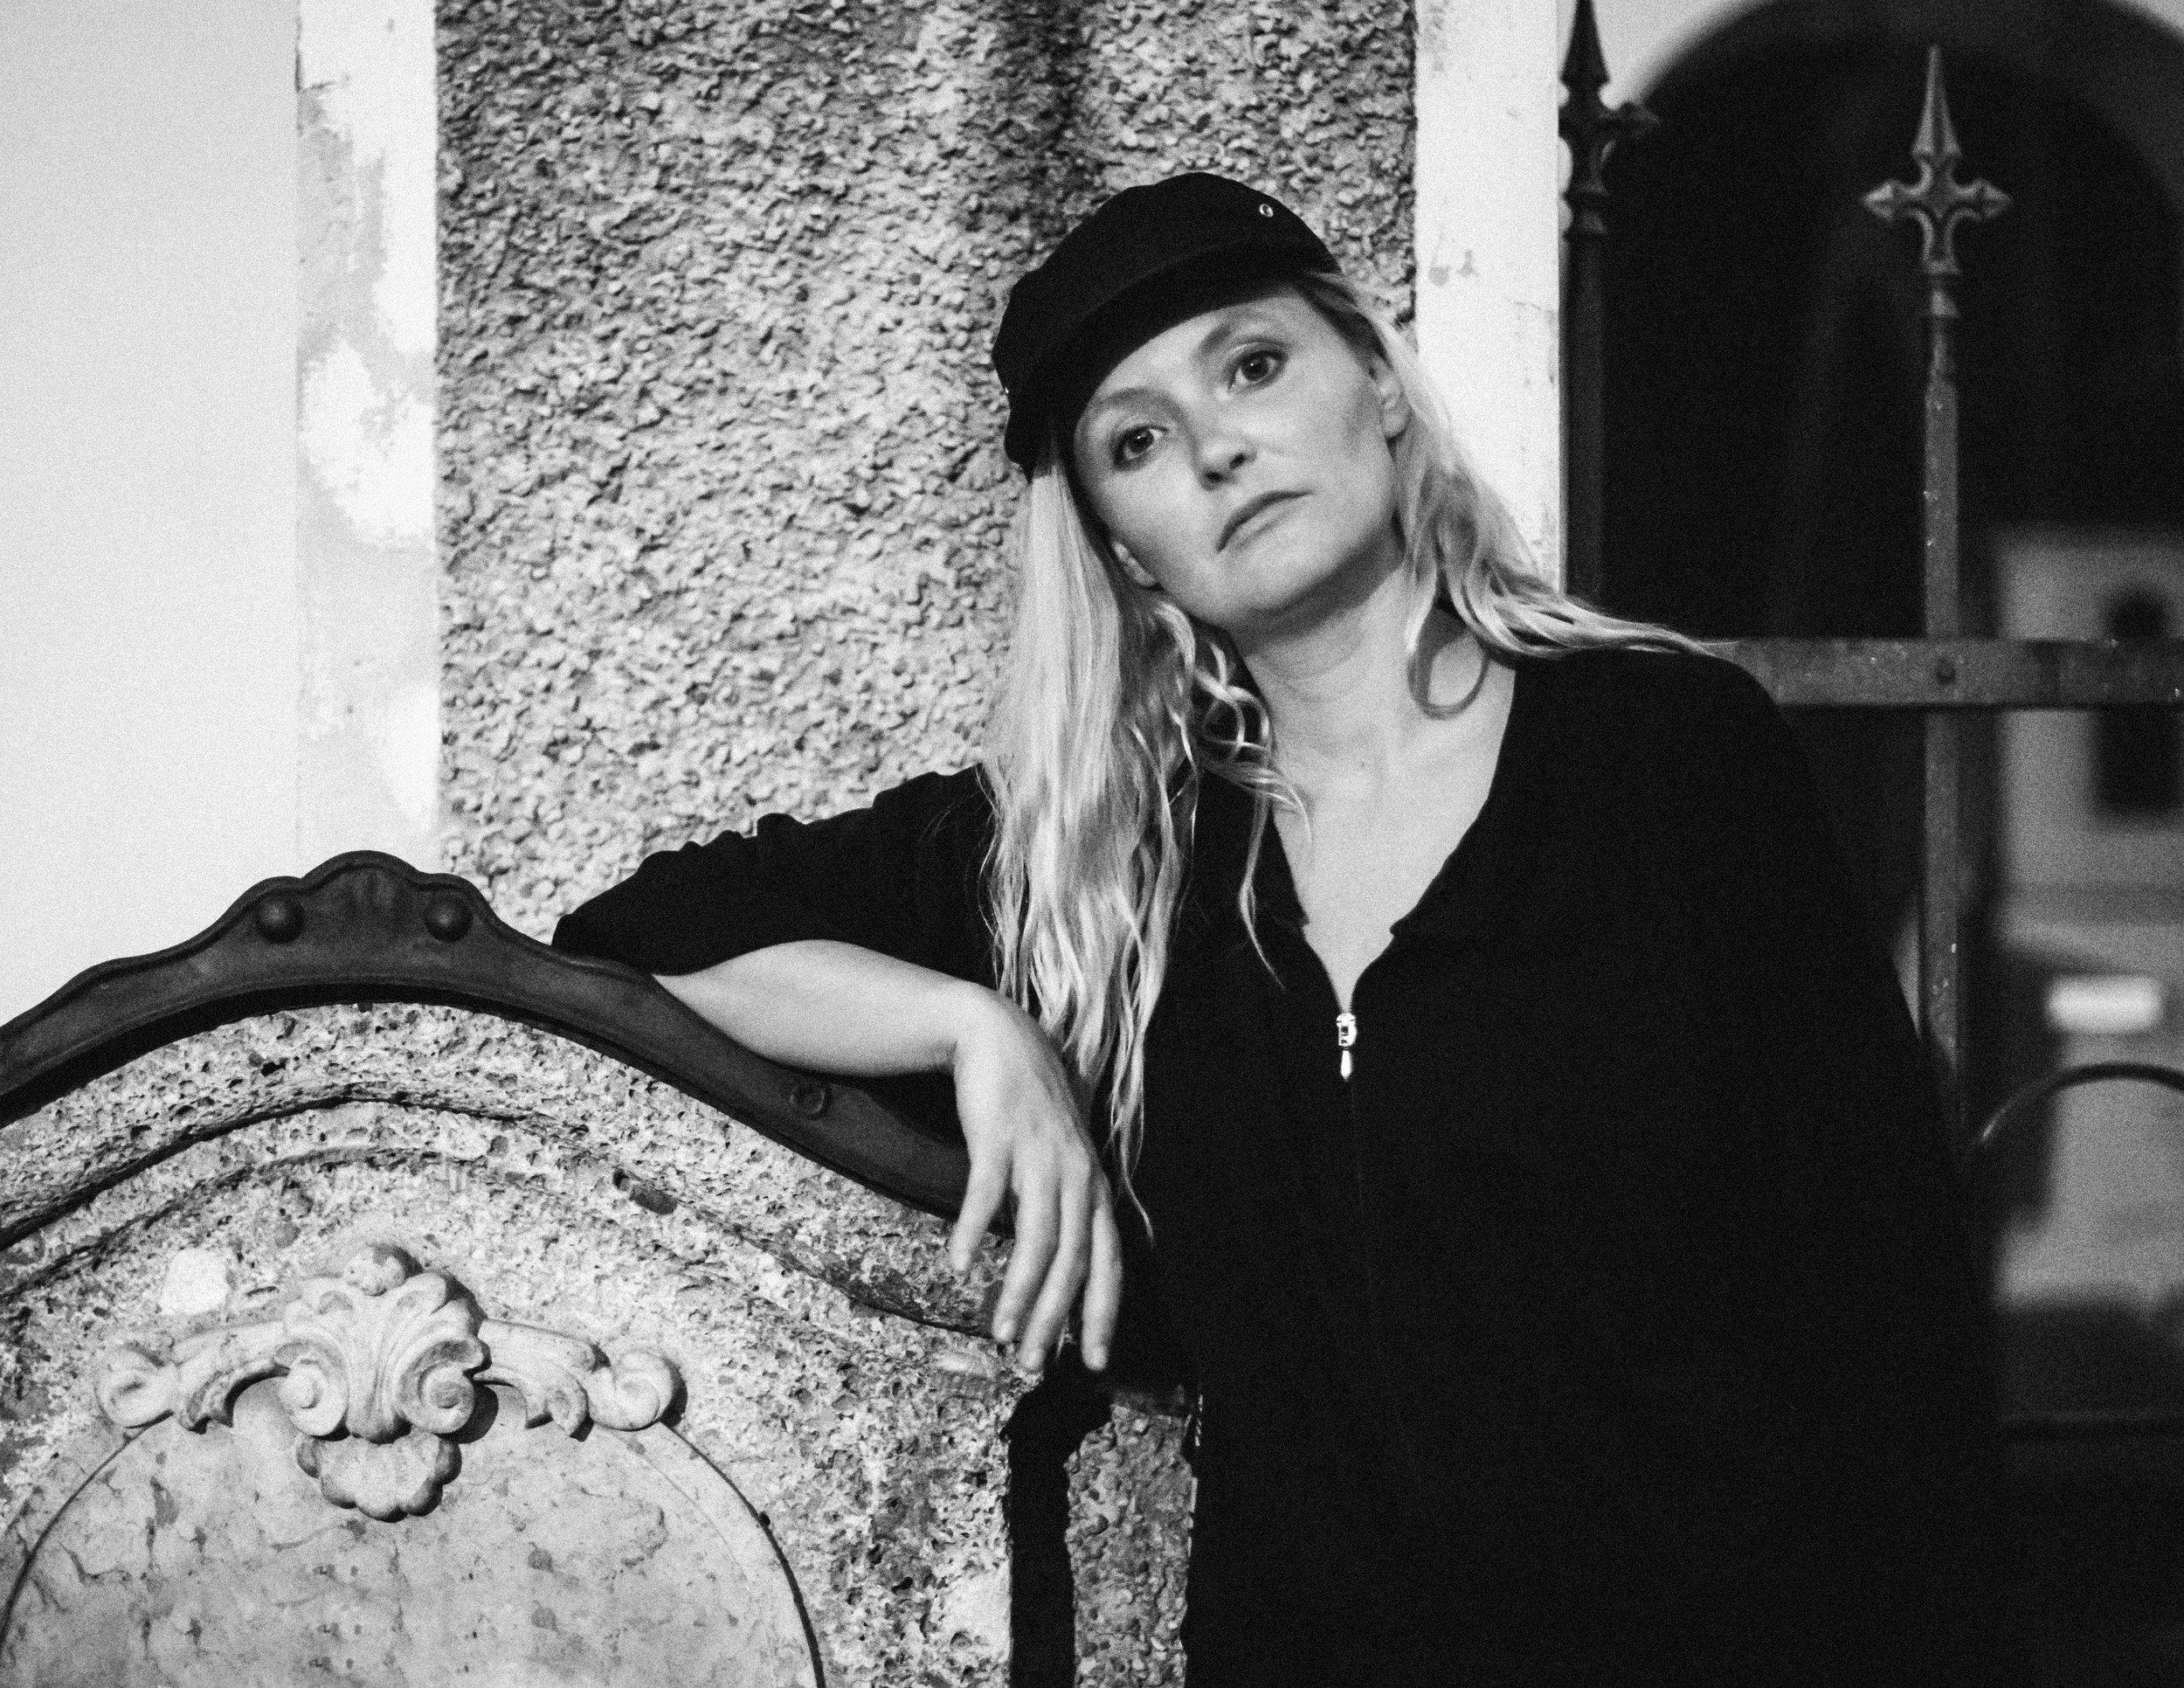 Lydia Haider_(c) Karin Hackl.jpg